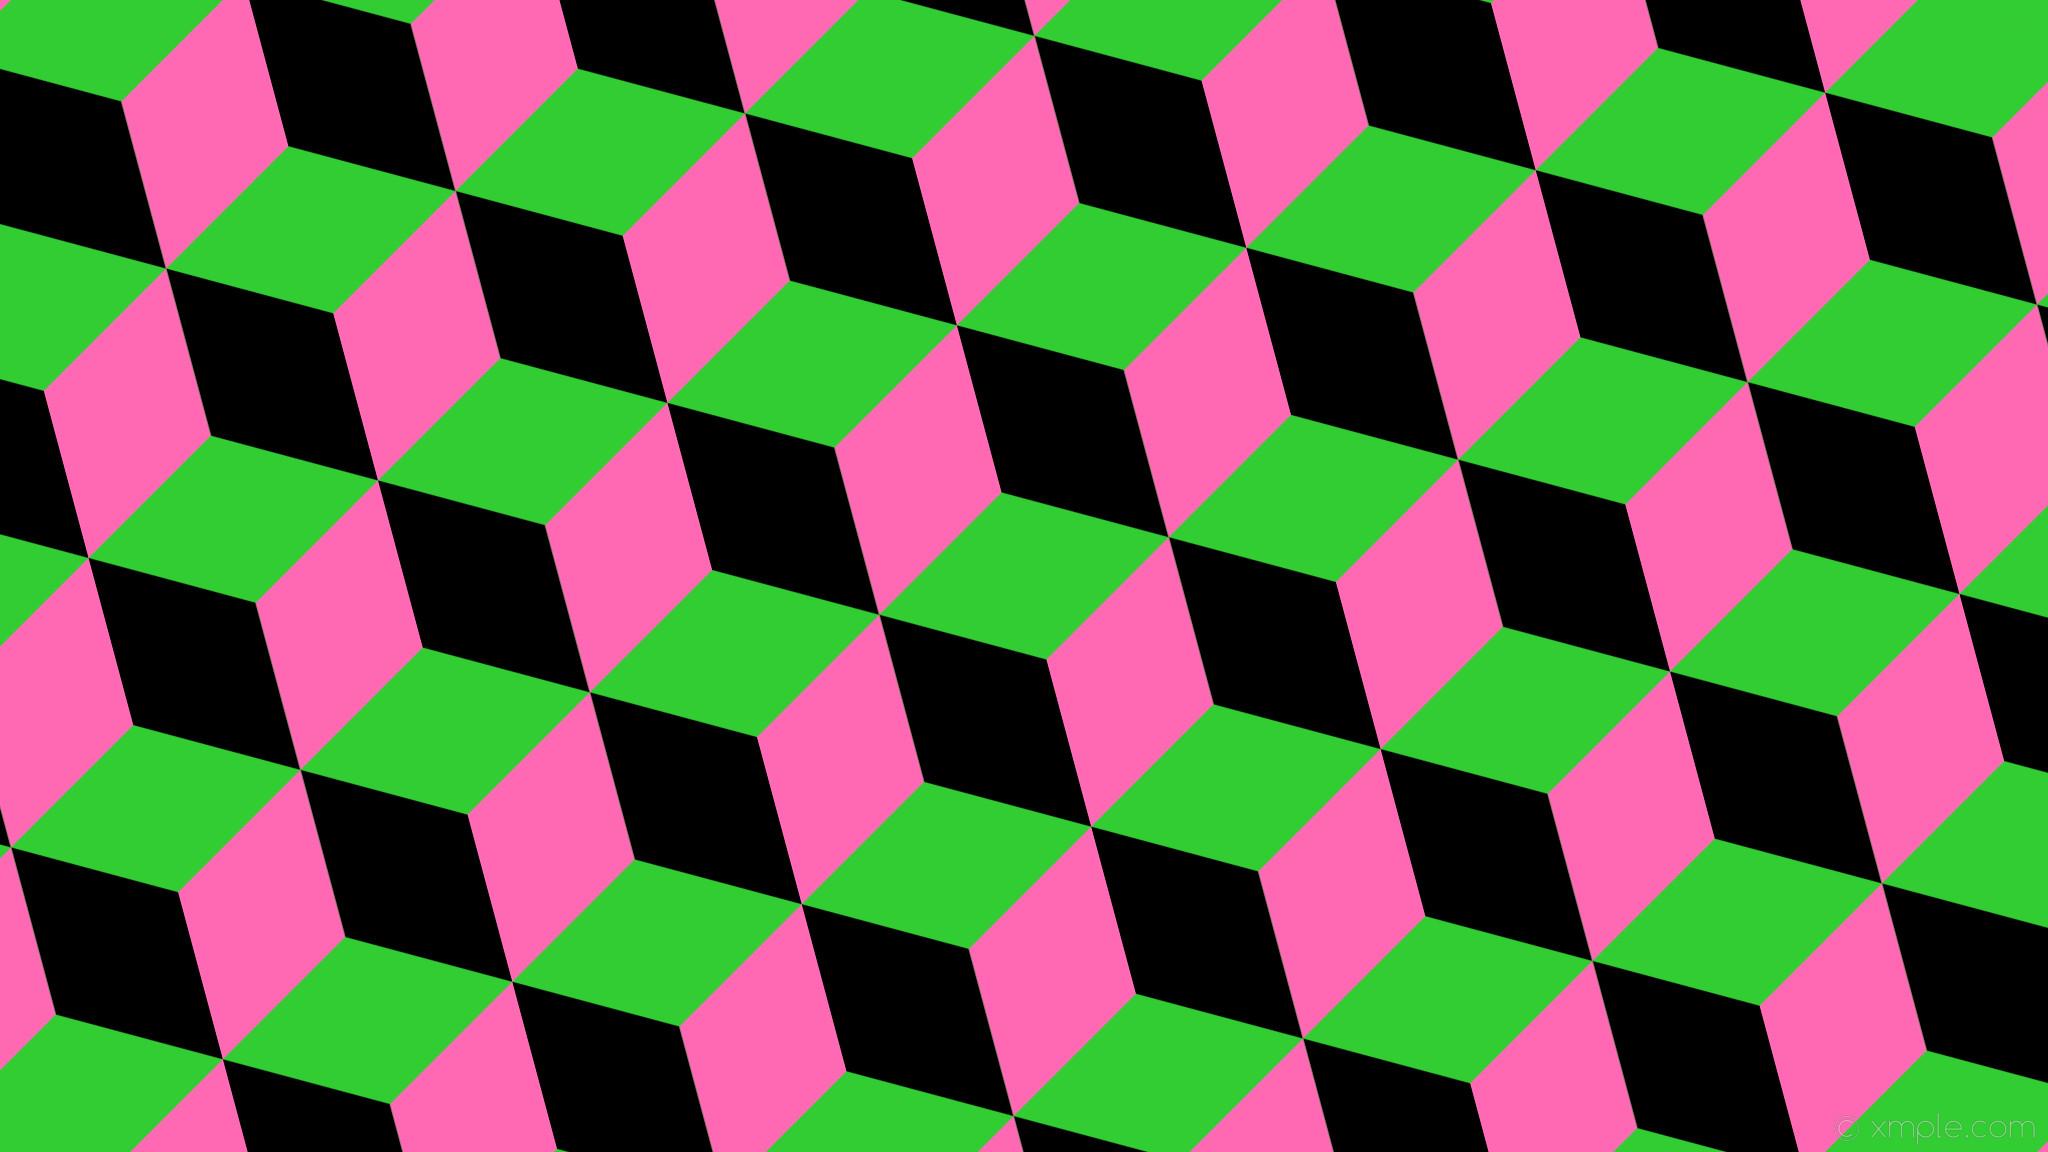 wallpaper green pink black 3d cubes lime green hot pink #32cd32 #000000  #ff69b4